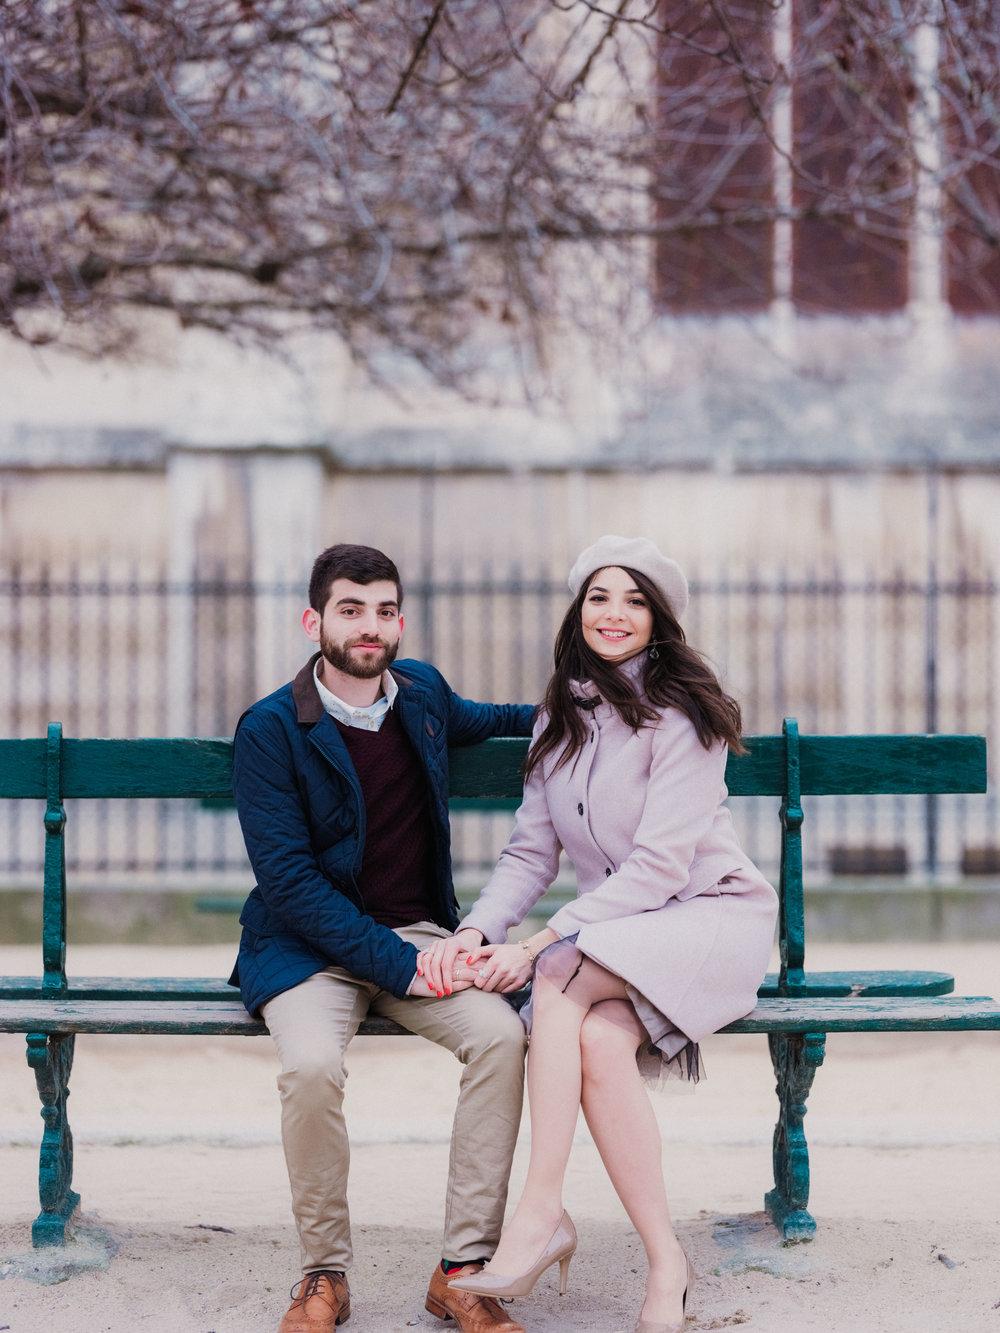 romantic couples engagement photo shoot picture me paris in paris france